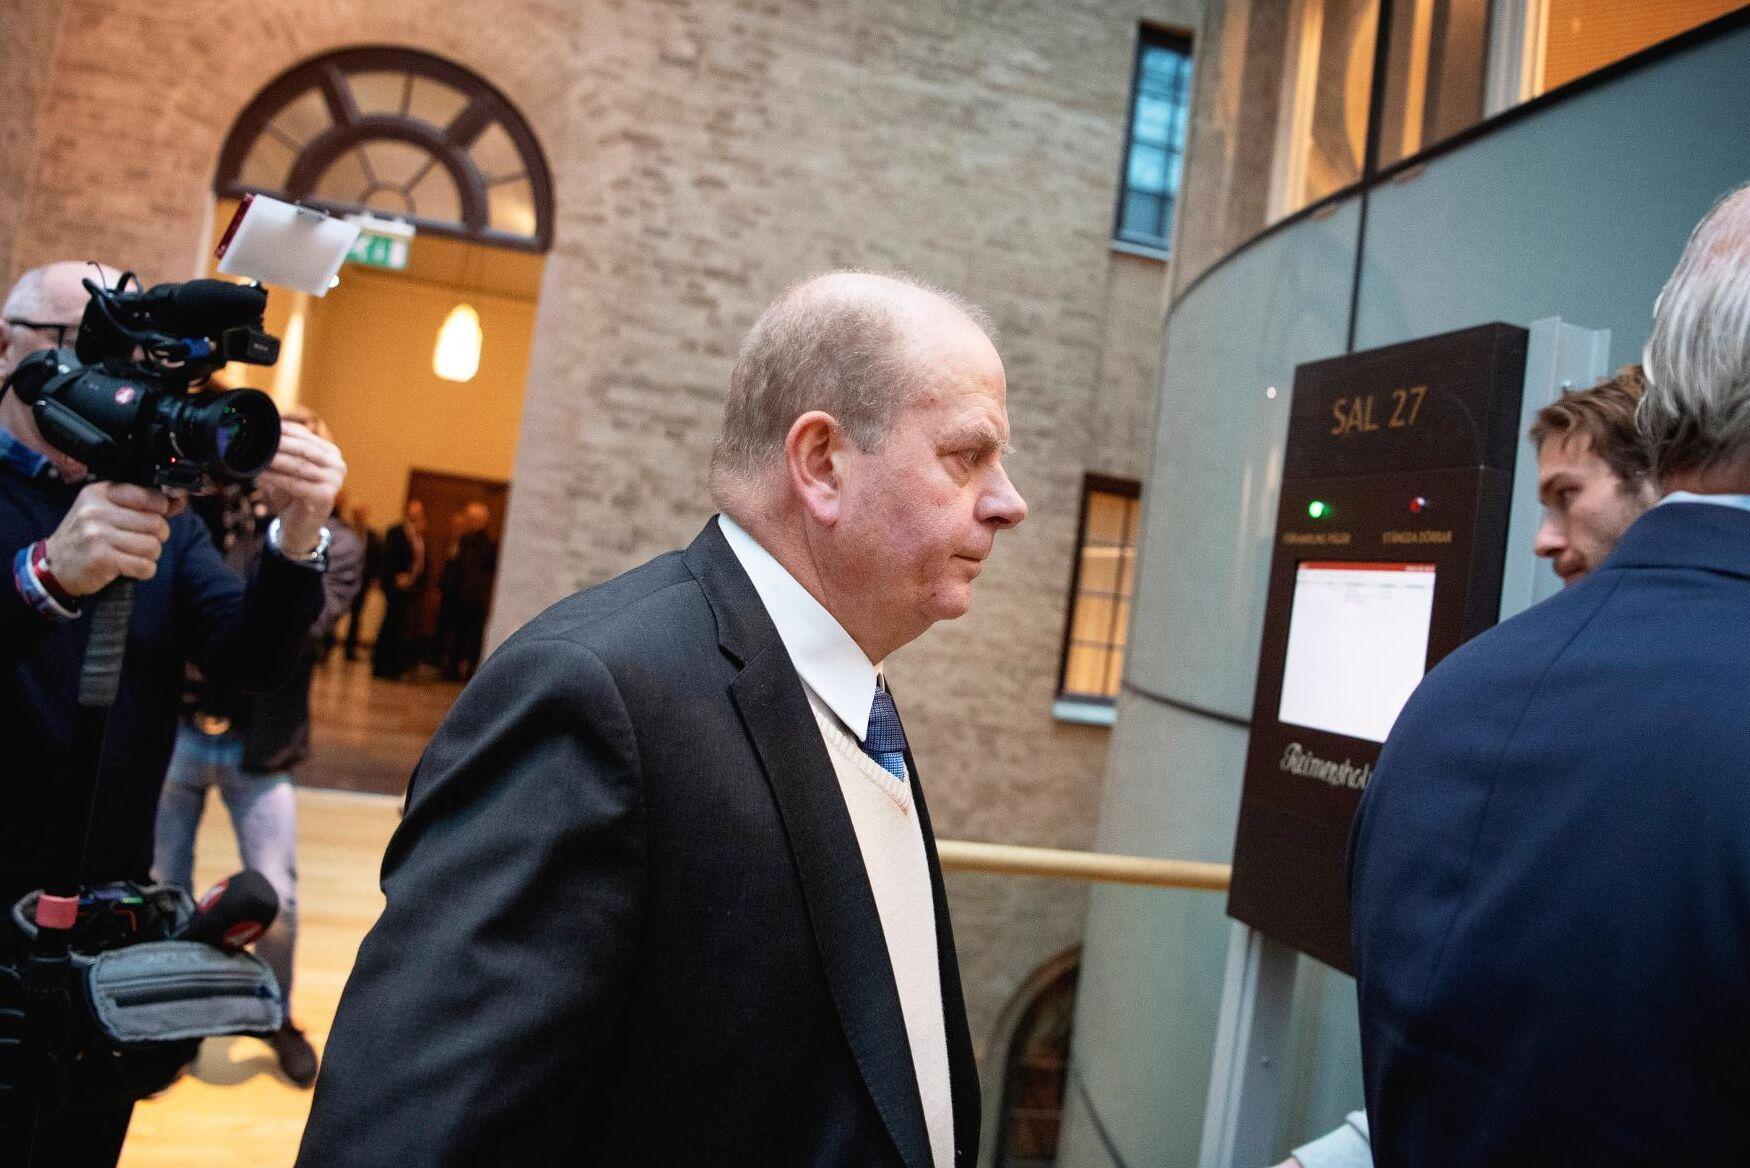 Före detta jordbruks- och landsbygdsminister Eskil Erlandsson (C) på väg in till förhandlingarna i tingsrätten i Stockholm förra året.